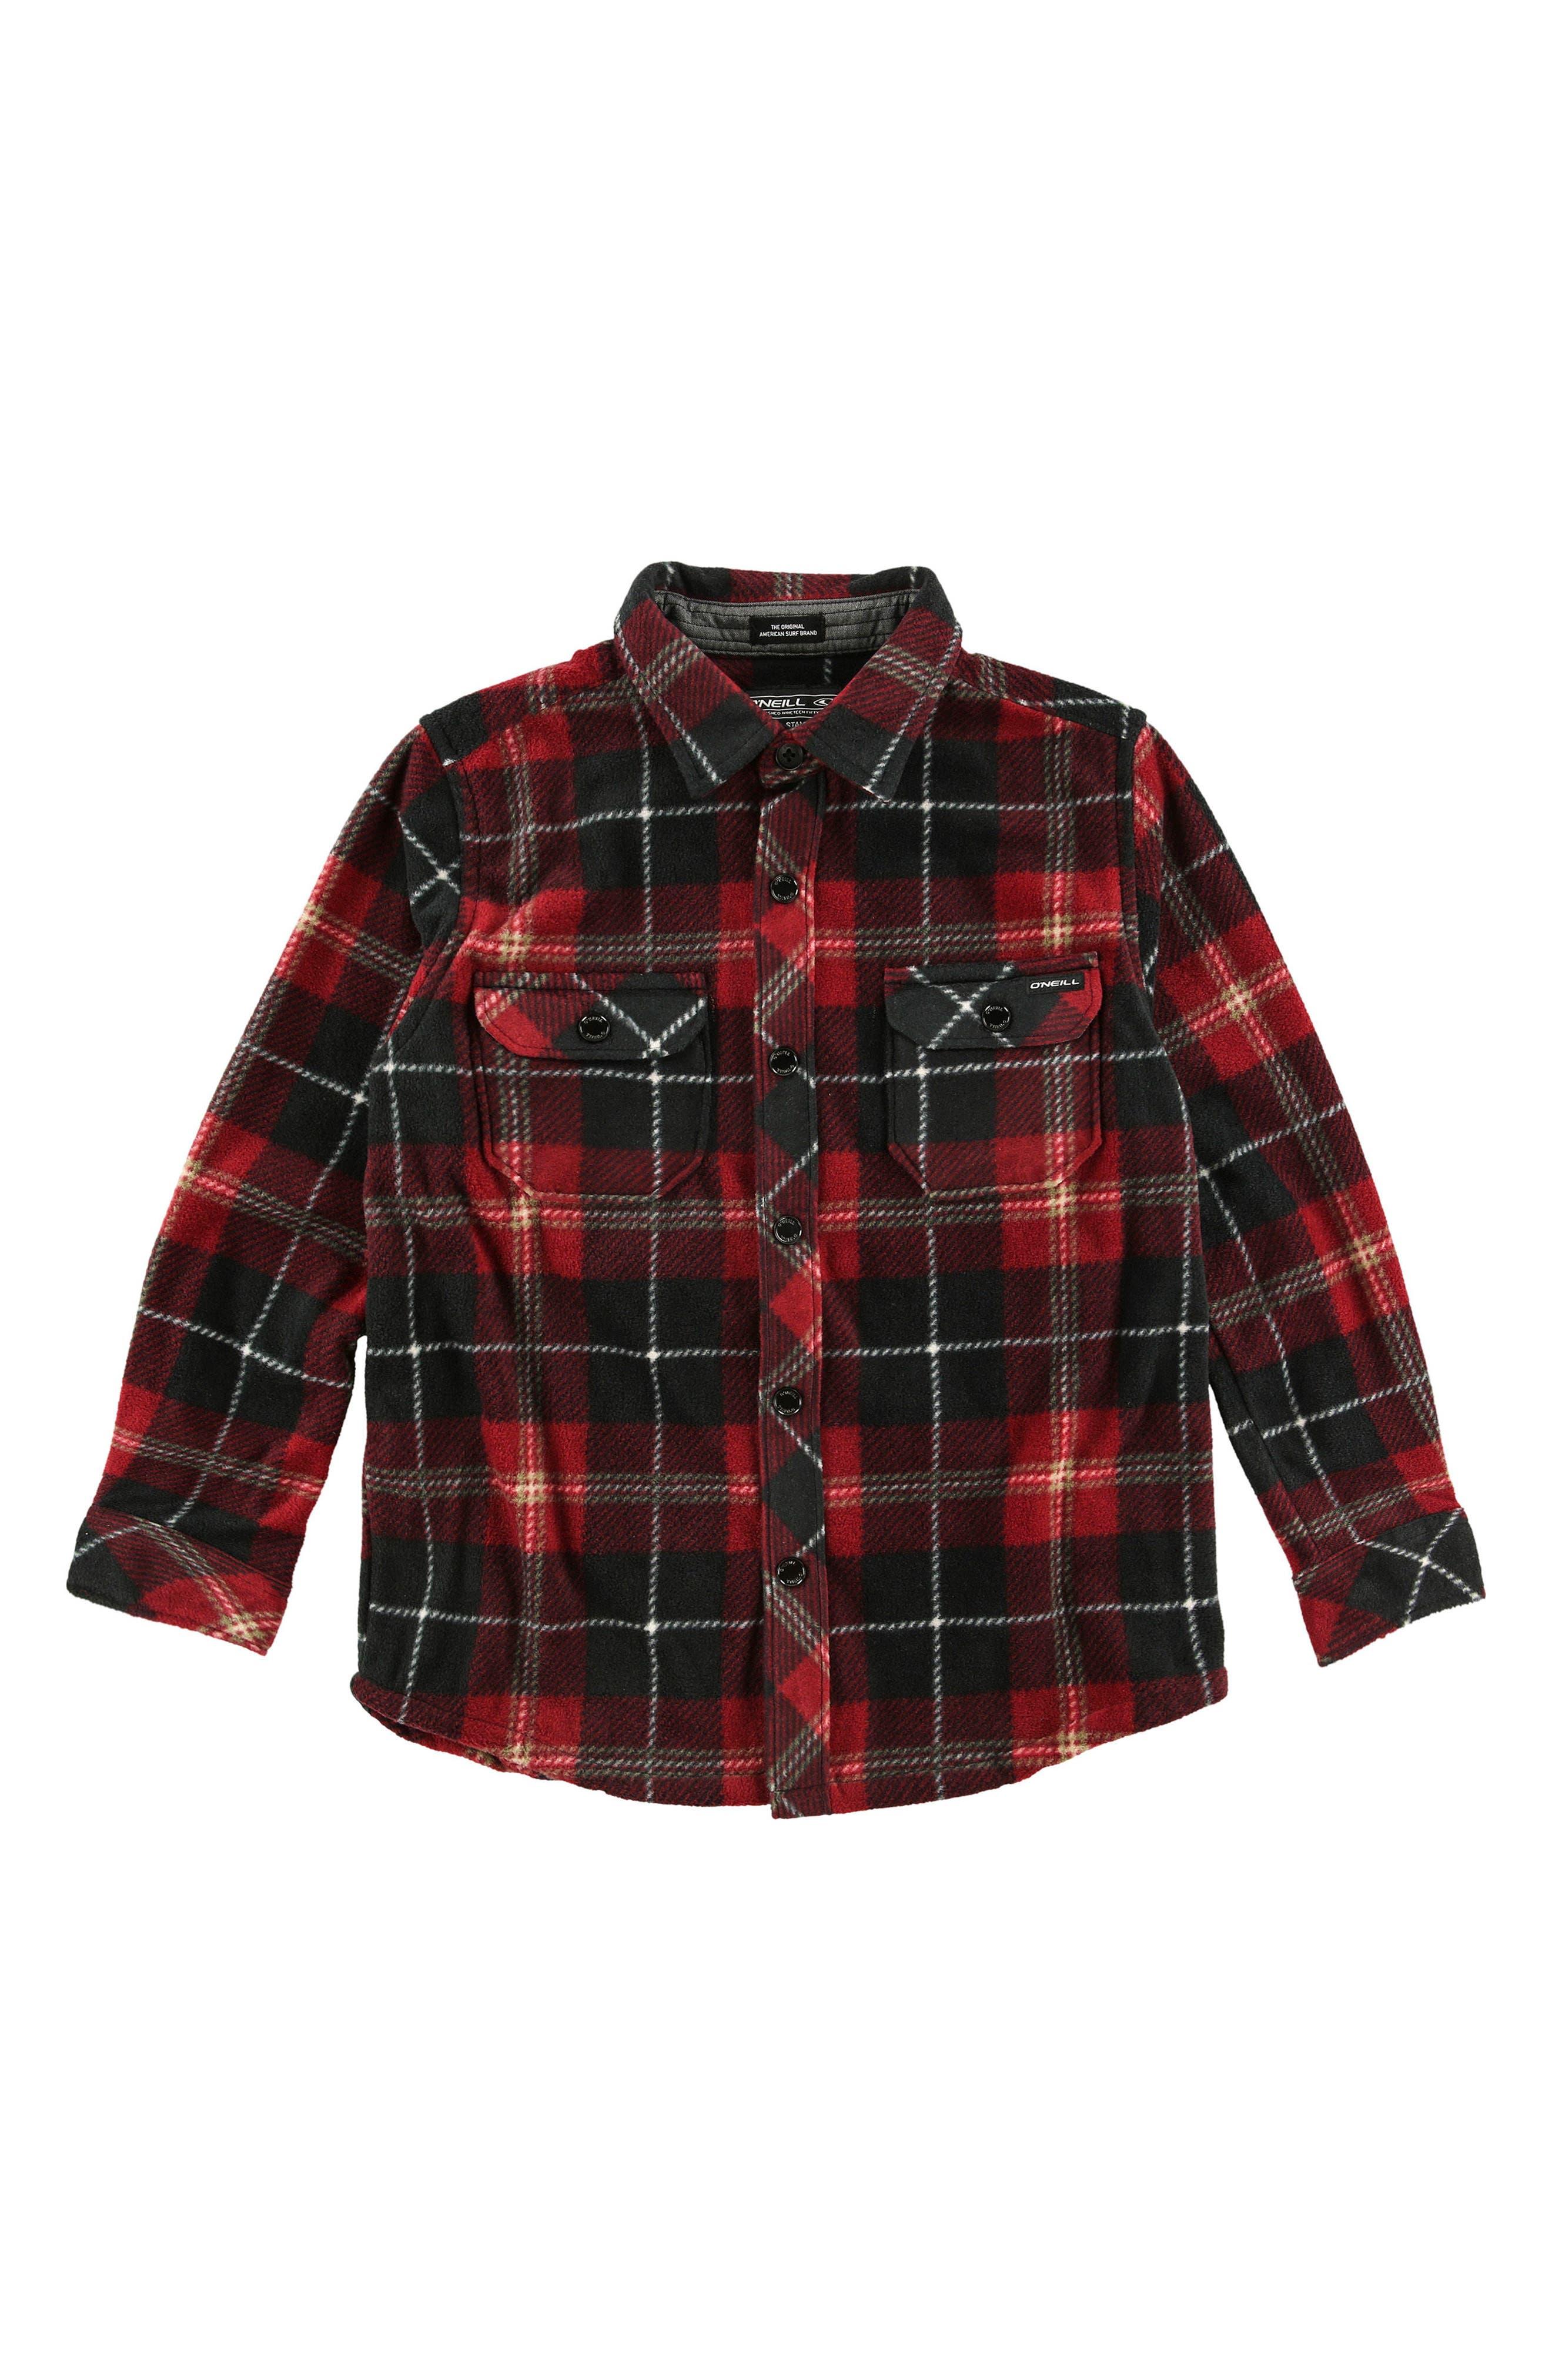 O'Neill Glacier Plaid Shirt (Toddler Boys)